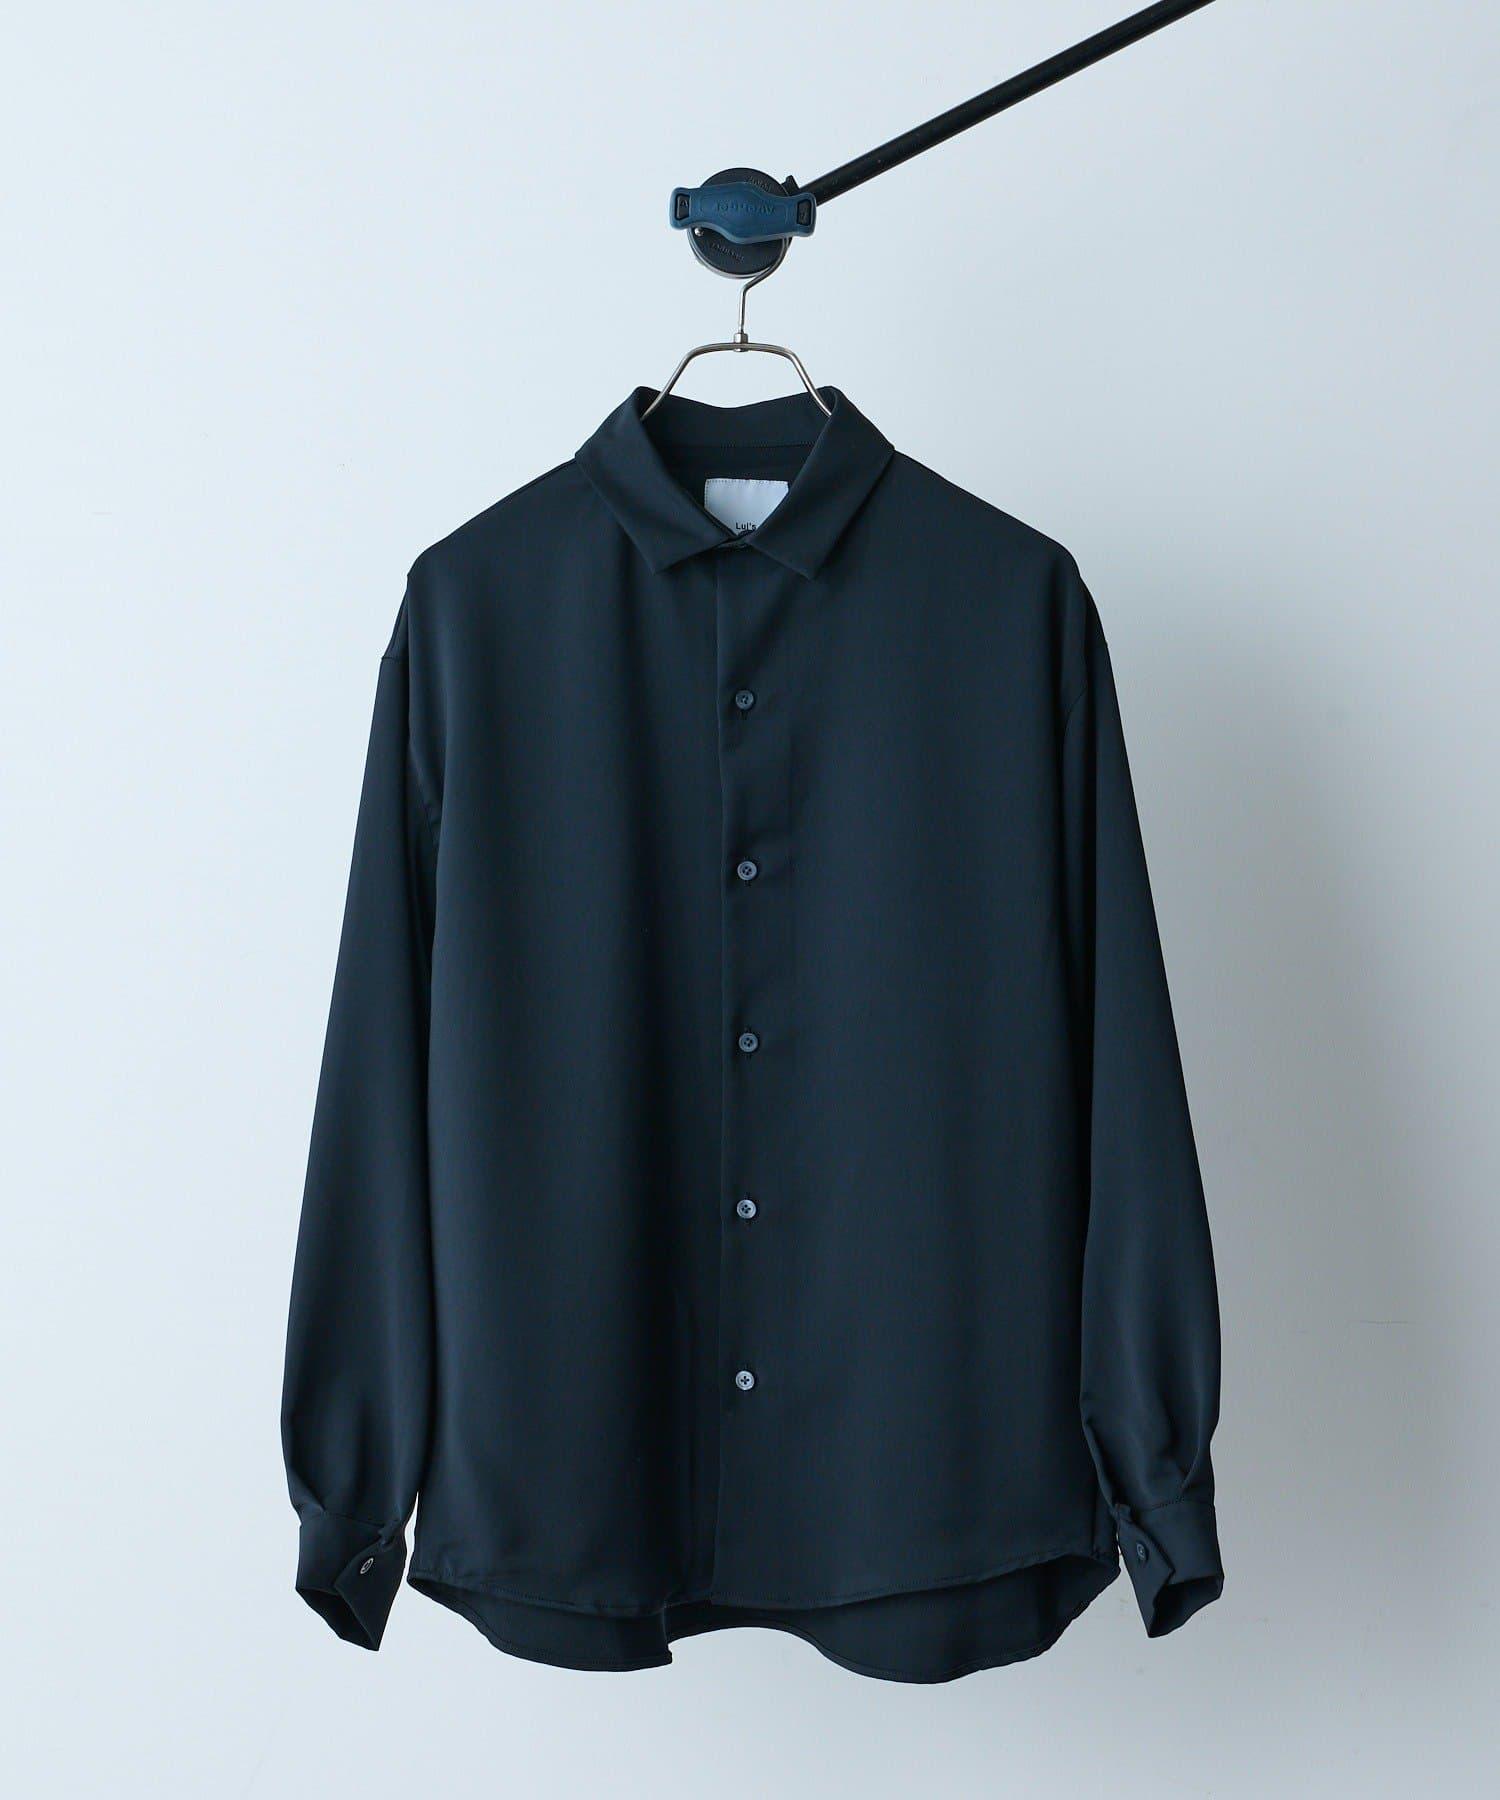 Lui's(ルイス) NEW パウダーサテン袖ボリュームシャツ